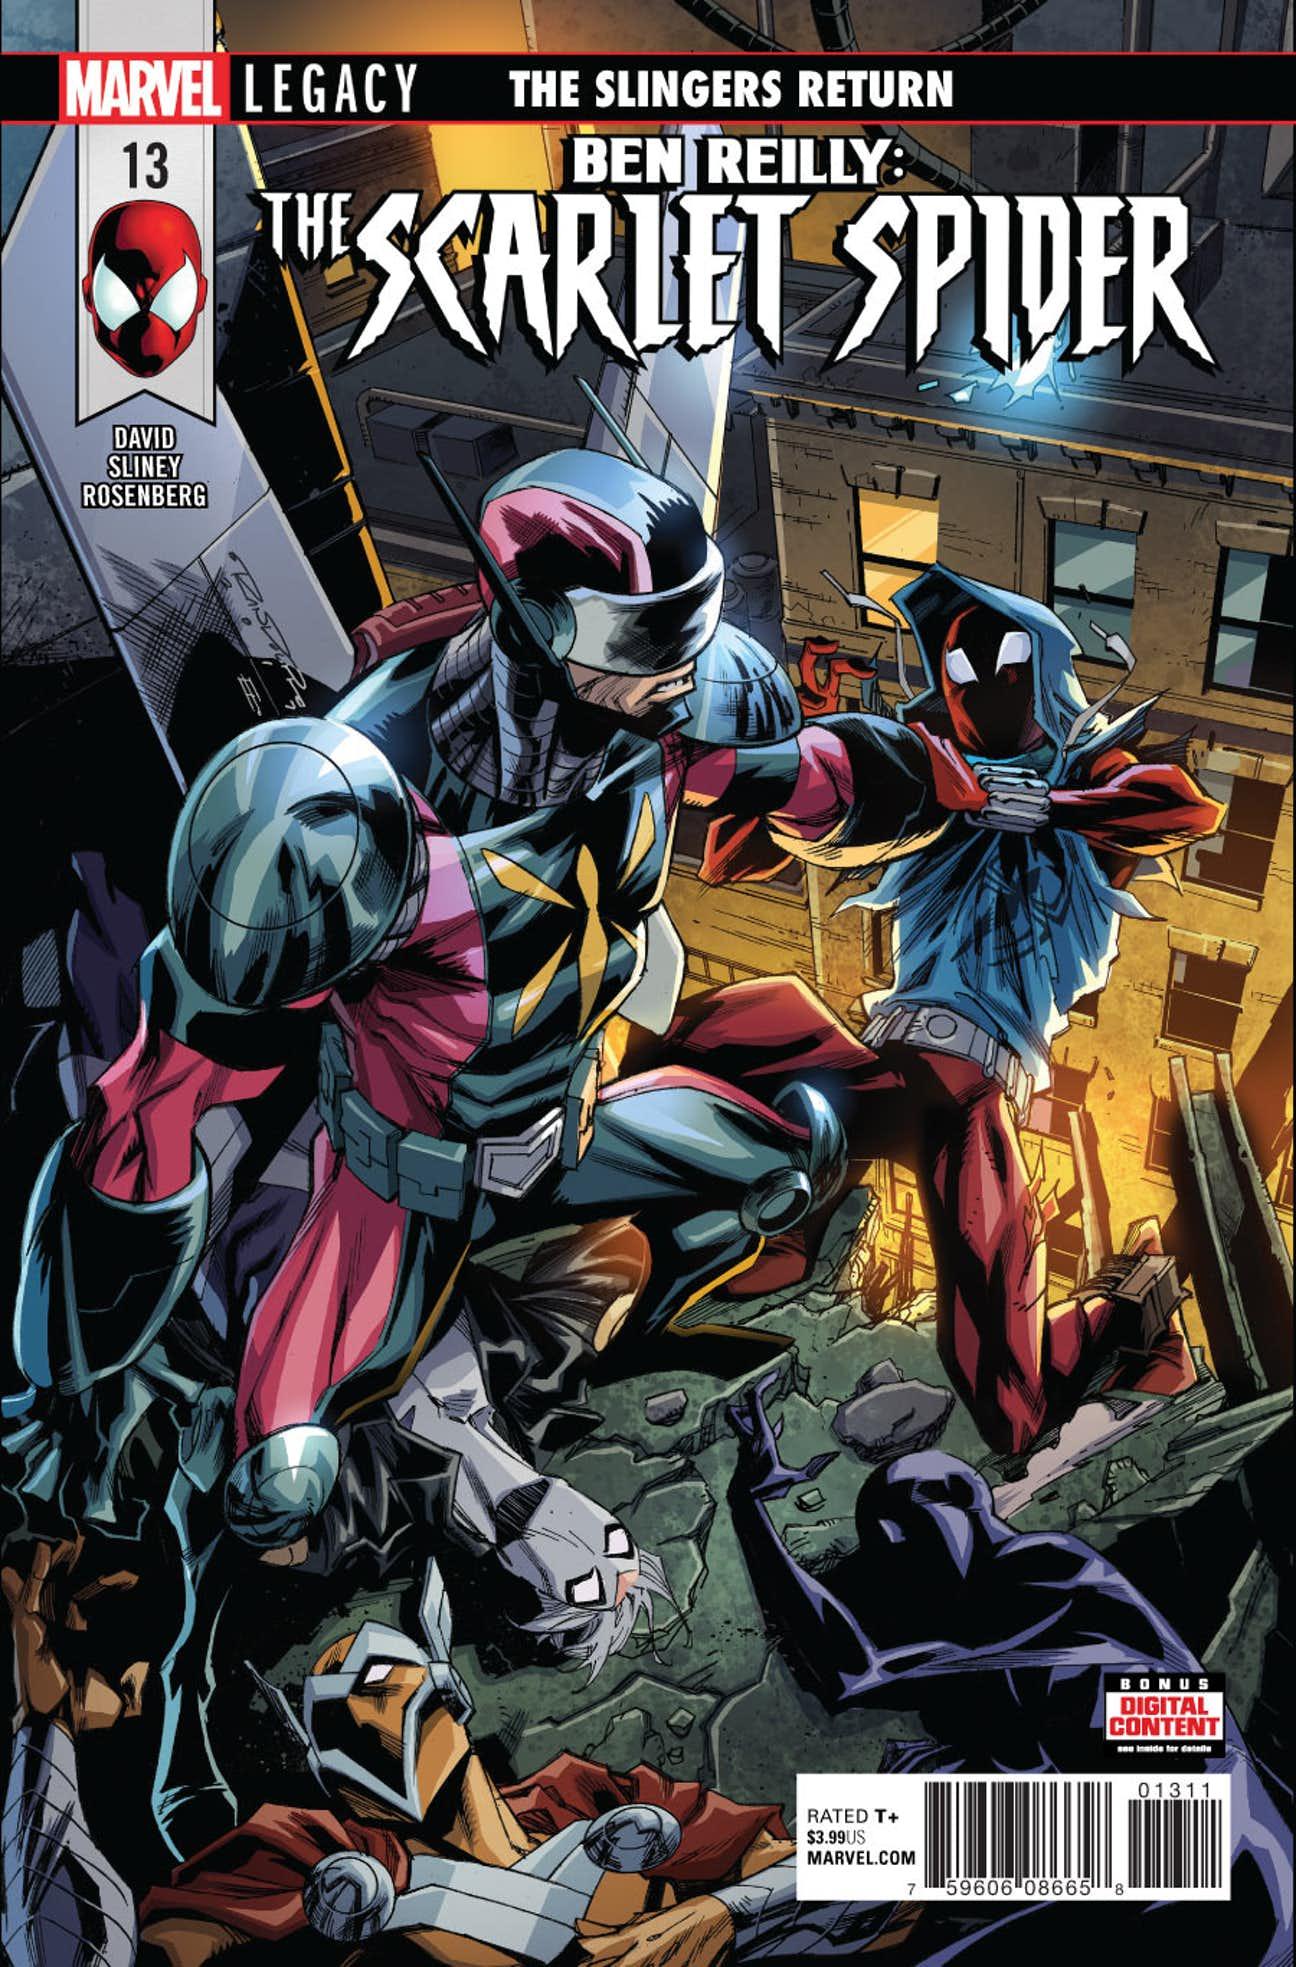 Ben Reilly: Scarlet Spider Vol 1 13